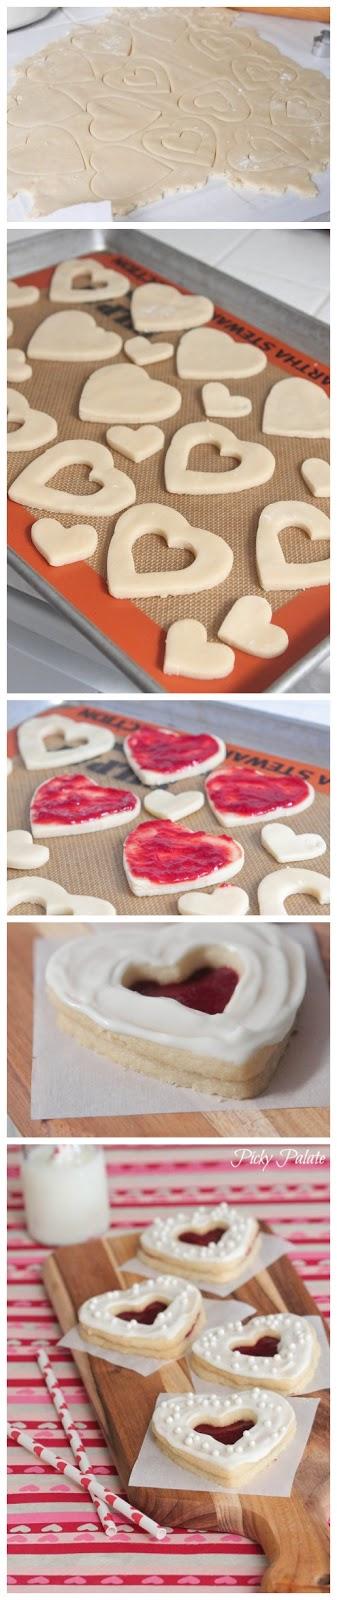 joysama images: Valentine Shortbread Cookie Sandwiches | plätzchen ...